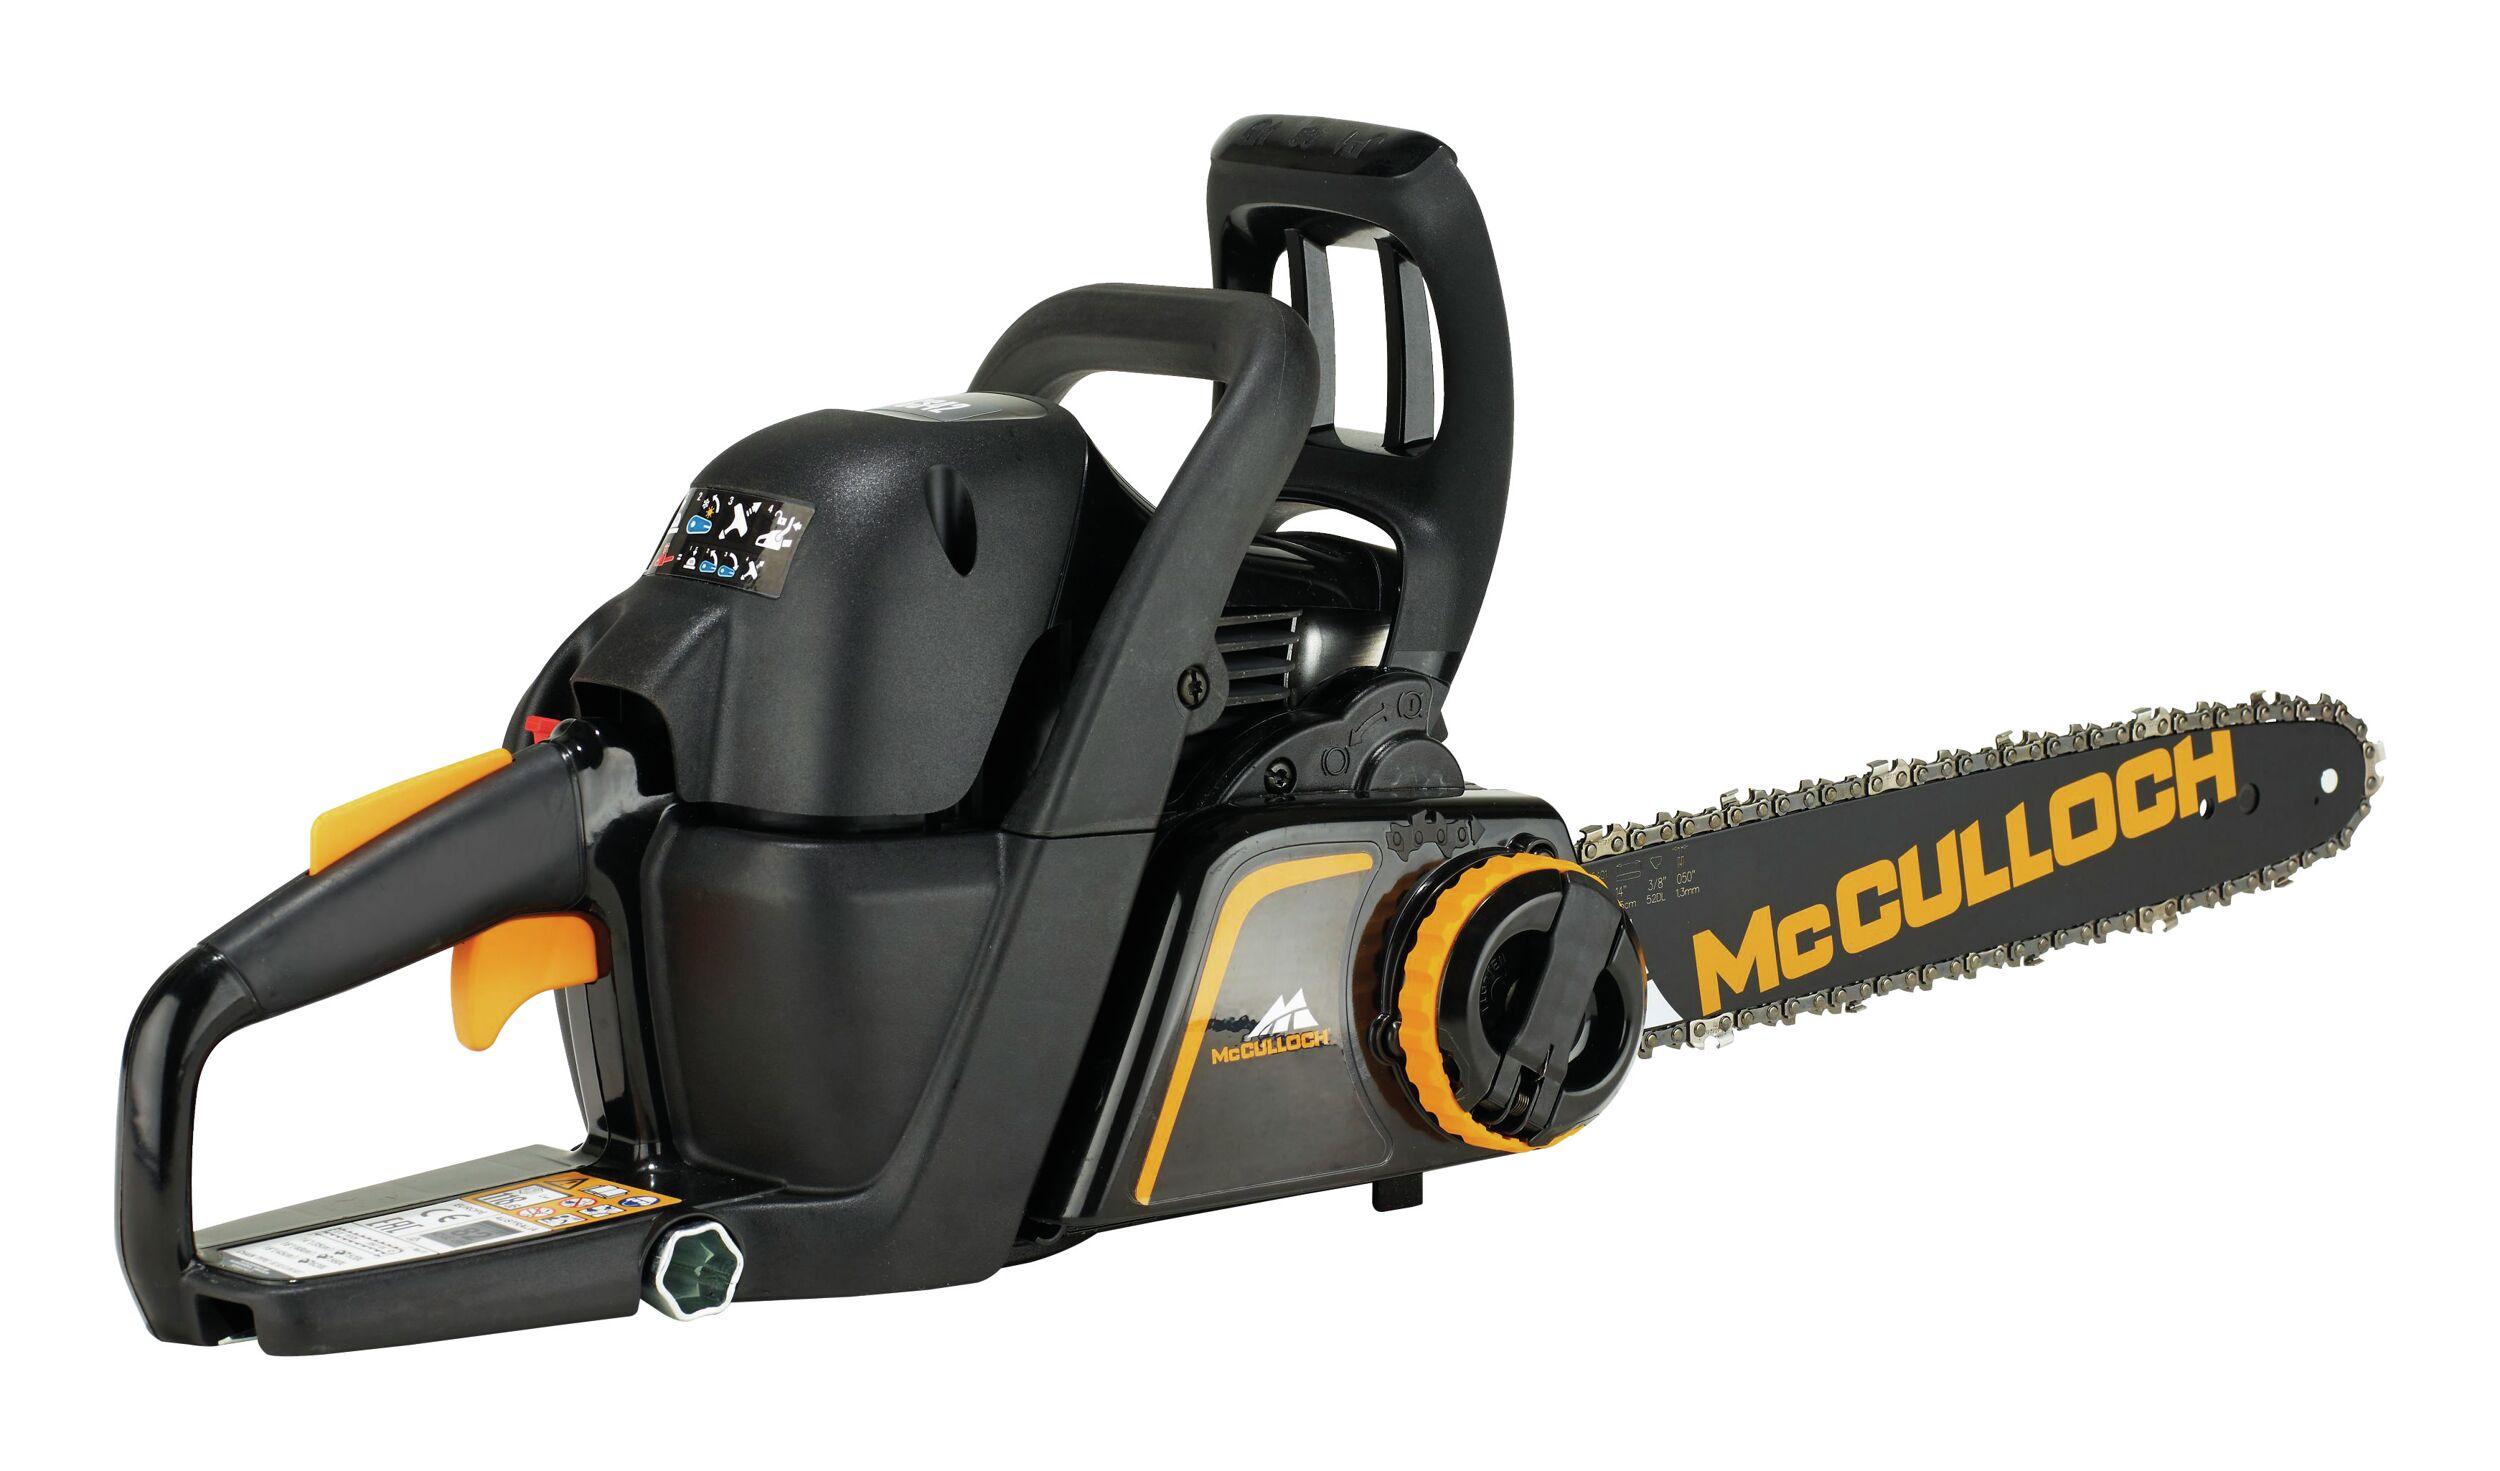 McCulloch Benzin-Kettensäge CS42STE